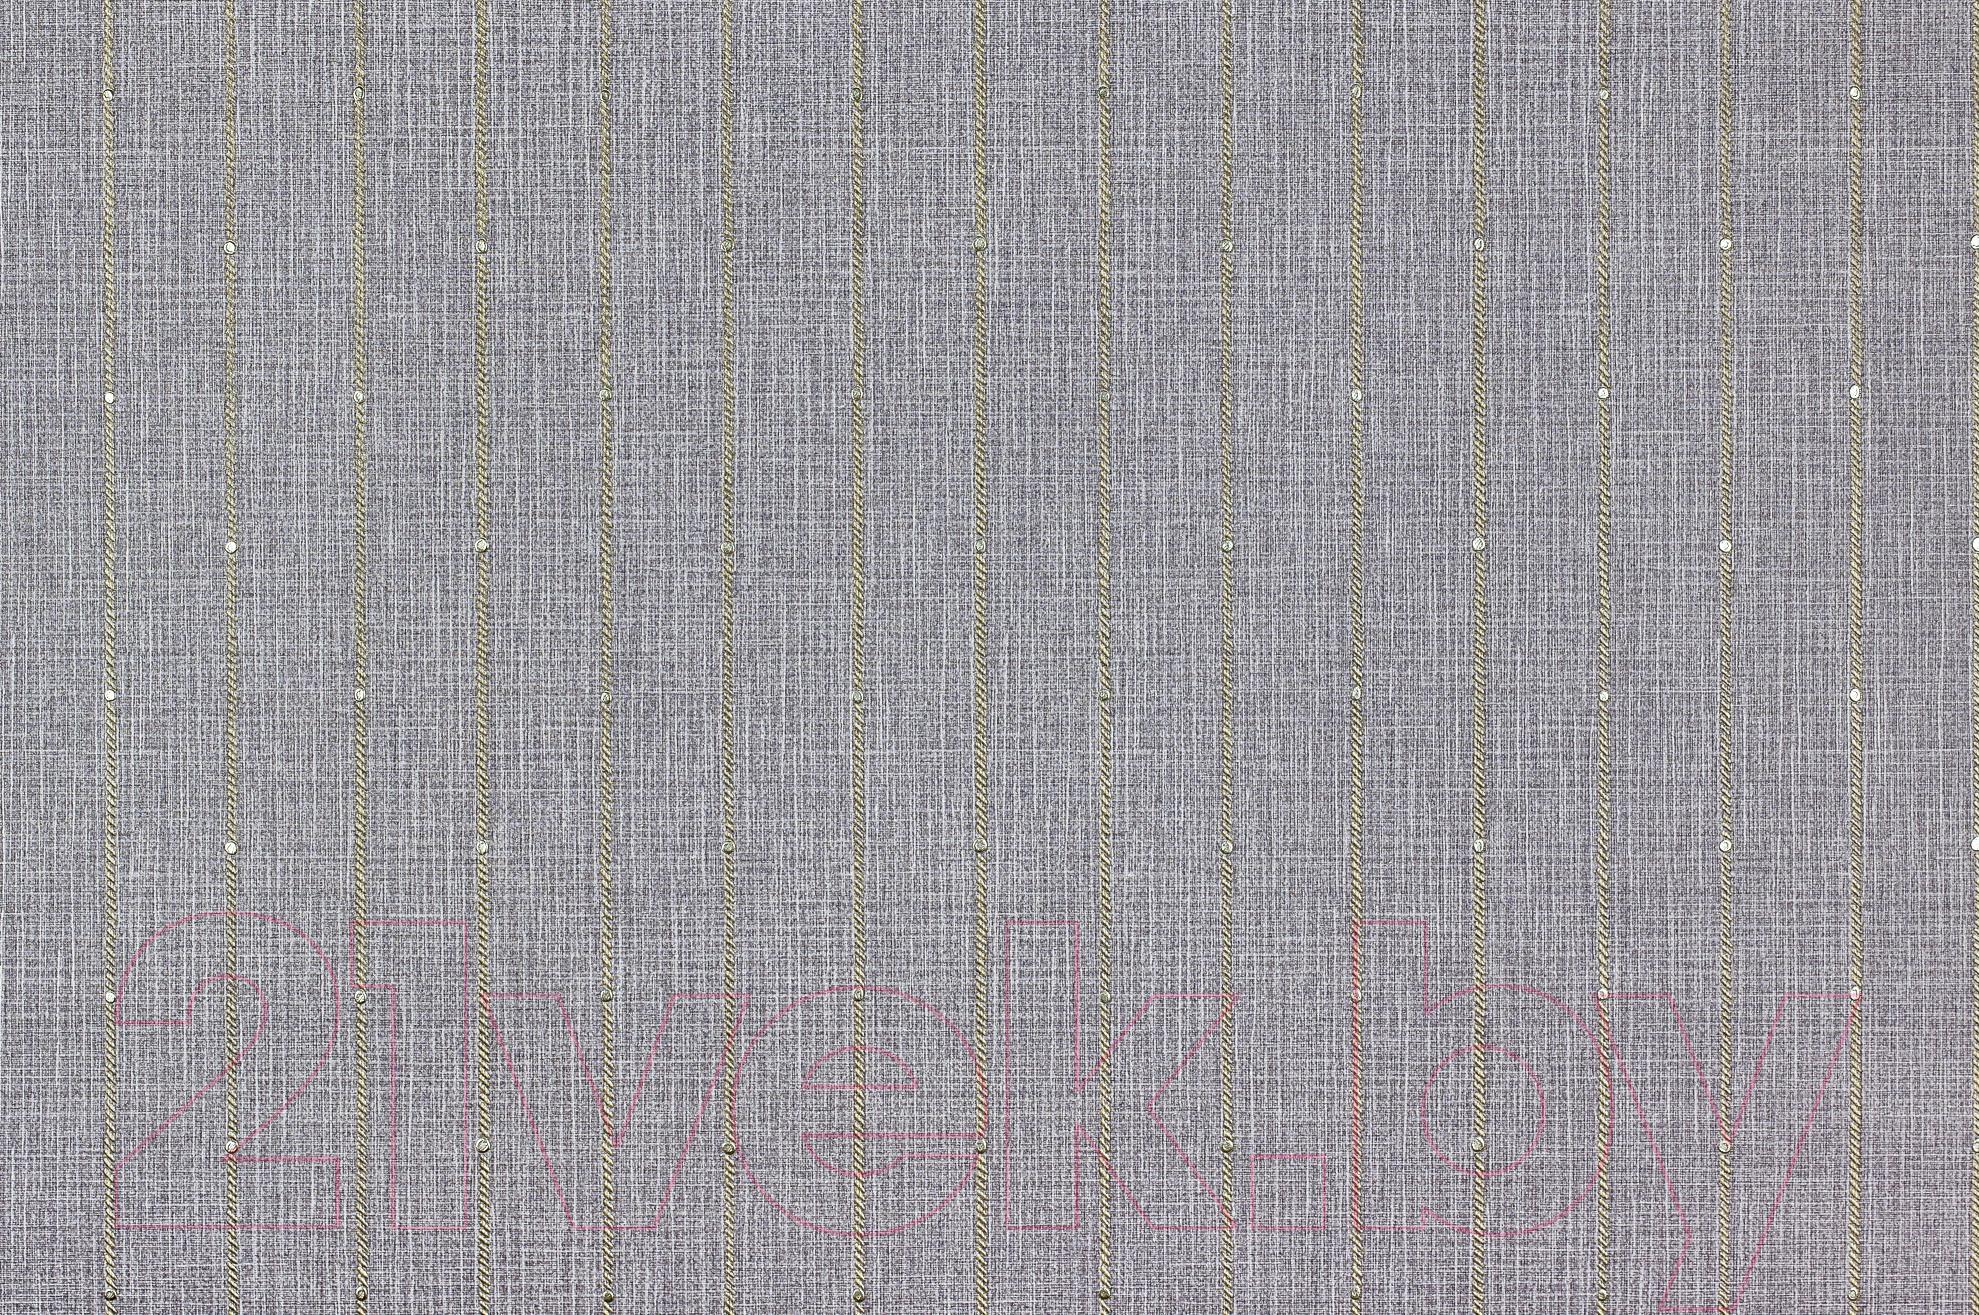 Купить Обои Артекс, Бенедикт 10205-06, Россия, серый